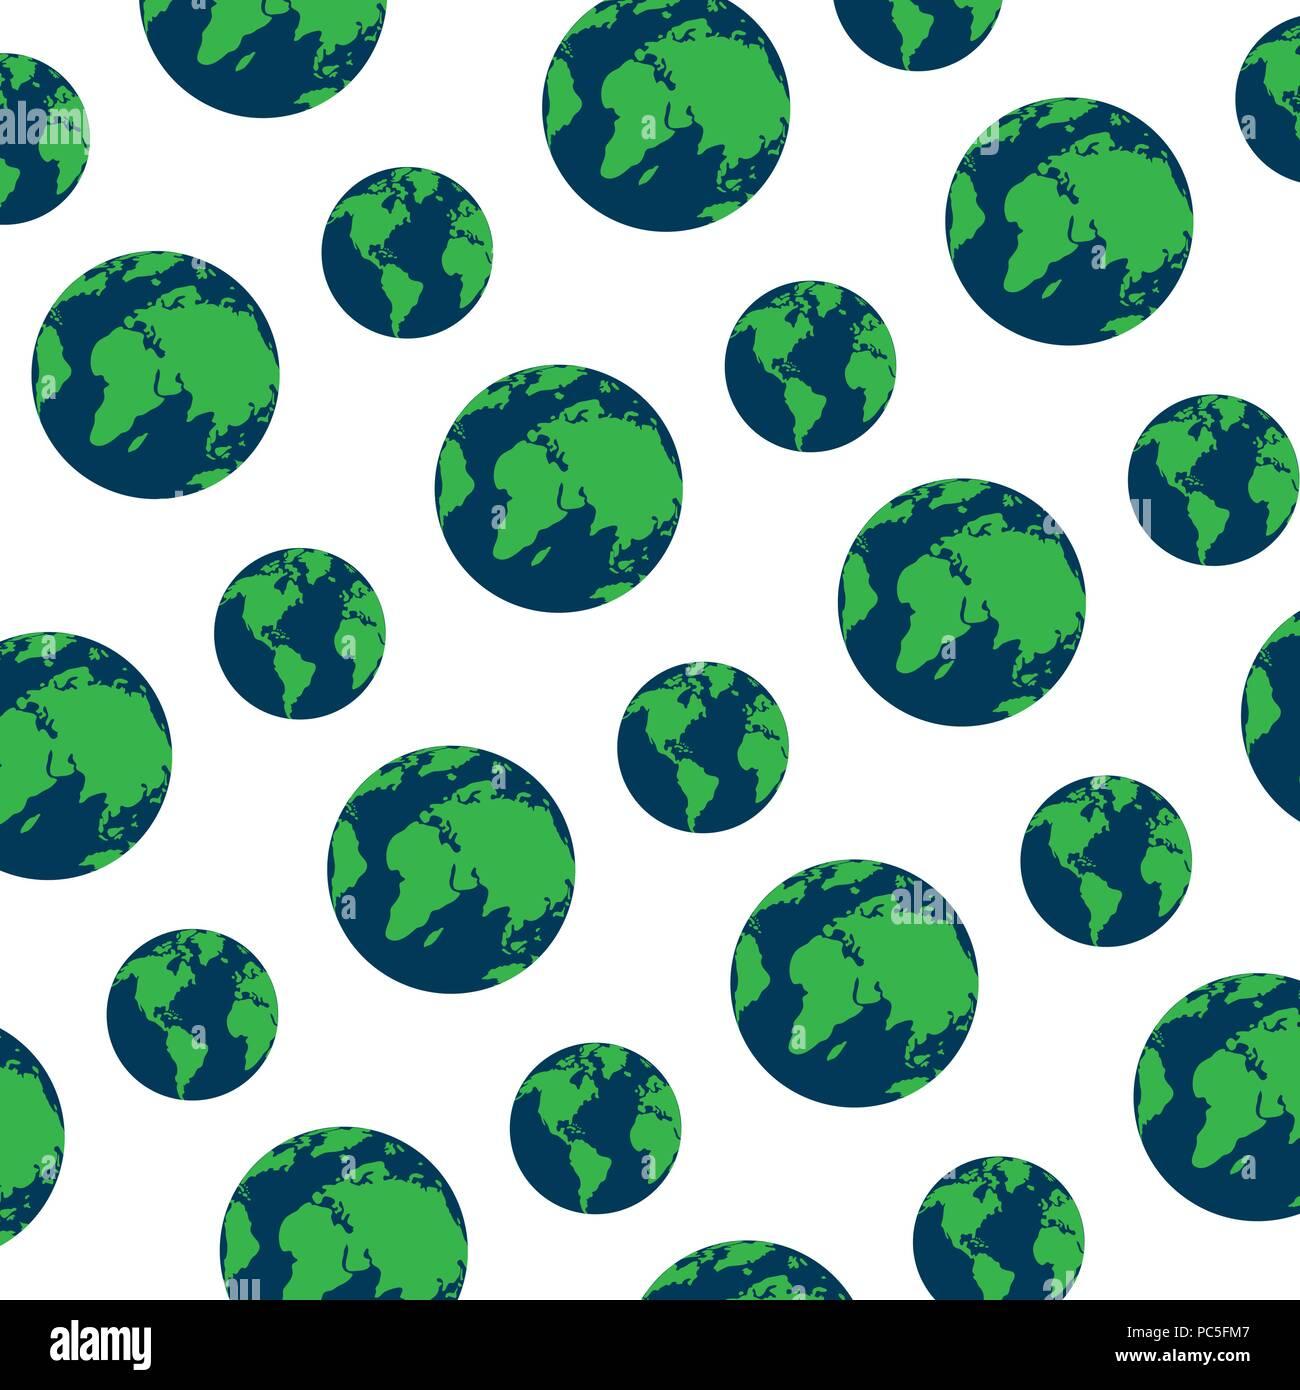 88e81ecb62 A livello globale il pianeta terra sullo sfondo della mappa ...